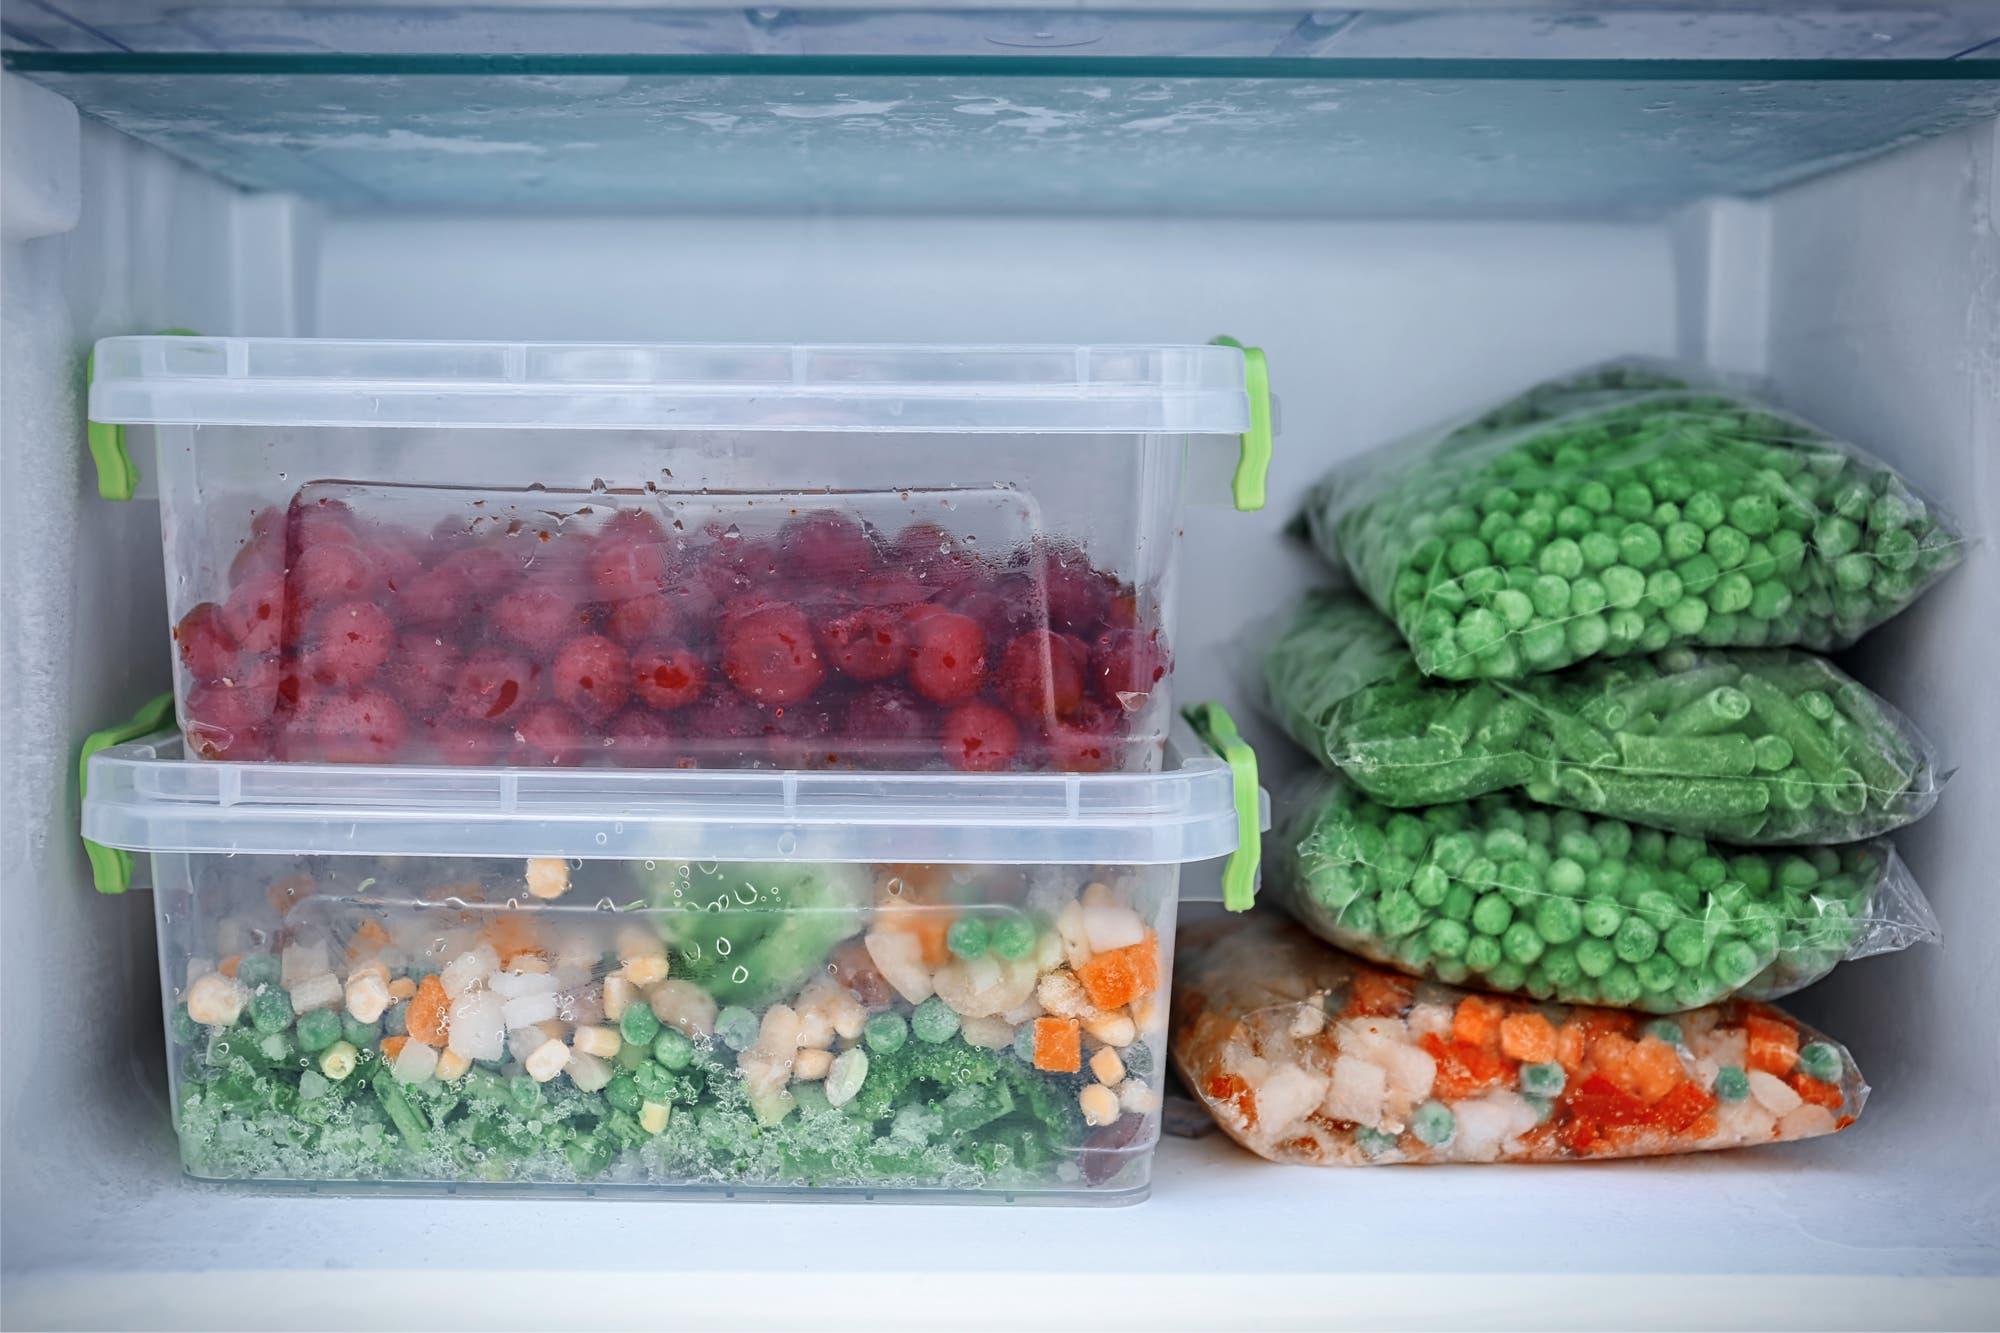 Trucos para congelar y descongelar alimentos - LA NACION